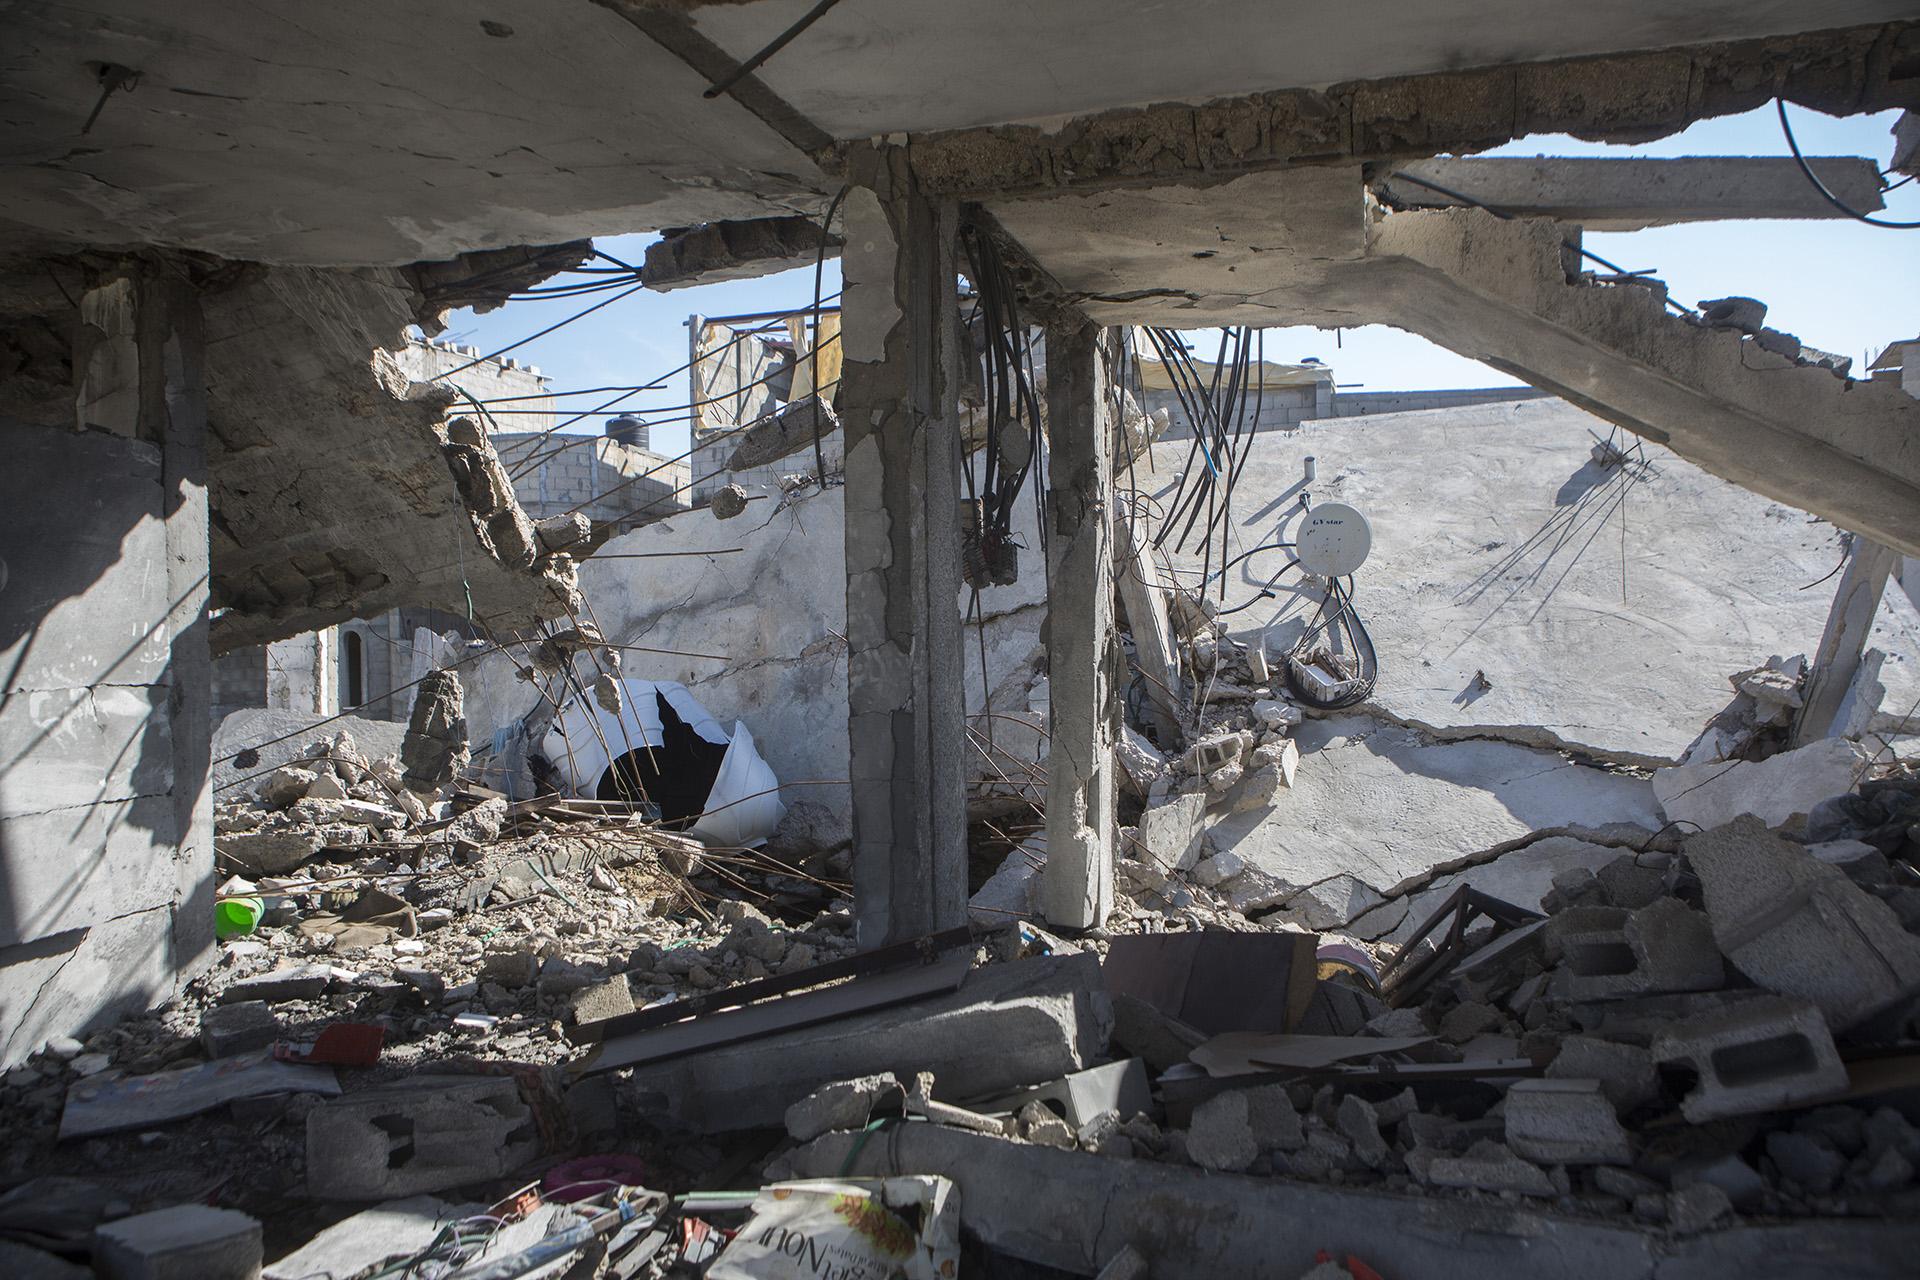 """""""Ich habe dieses Haus 1986 für meine Kinder gebaut"""" sagt Salem. Er arbeitete in der israelischen Landwirtschaft, um Geld für das Haus zu sparen. Ein Jahr nach der Bombardierung sind die Trümmer geräumt und ein neues Haus wird auf dem angrenzenden Grundstück erbaut."""